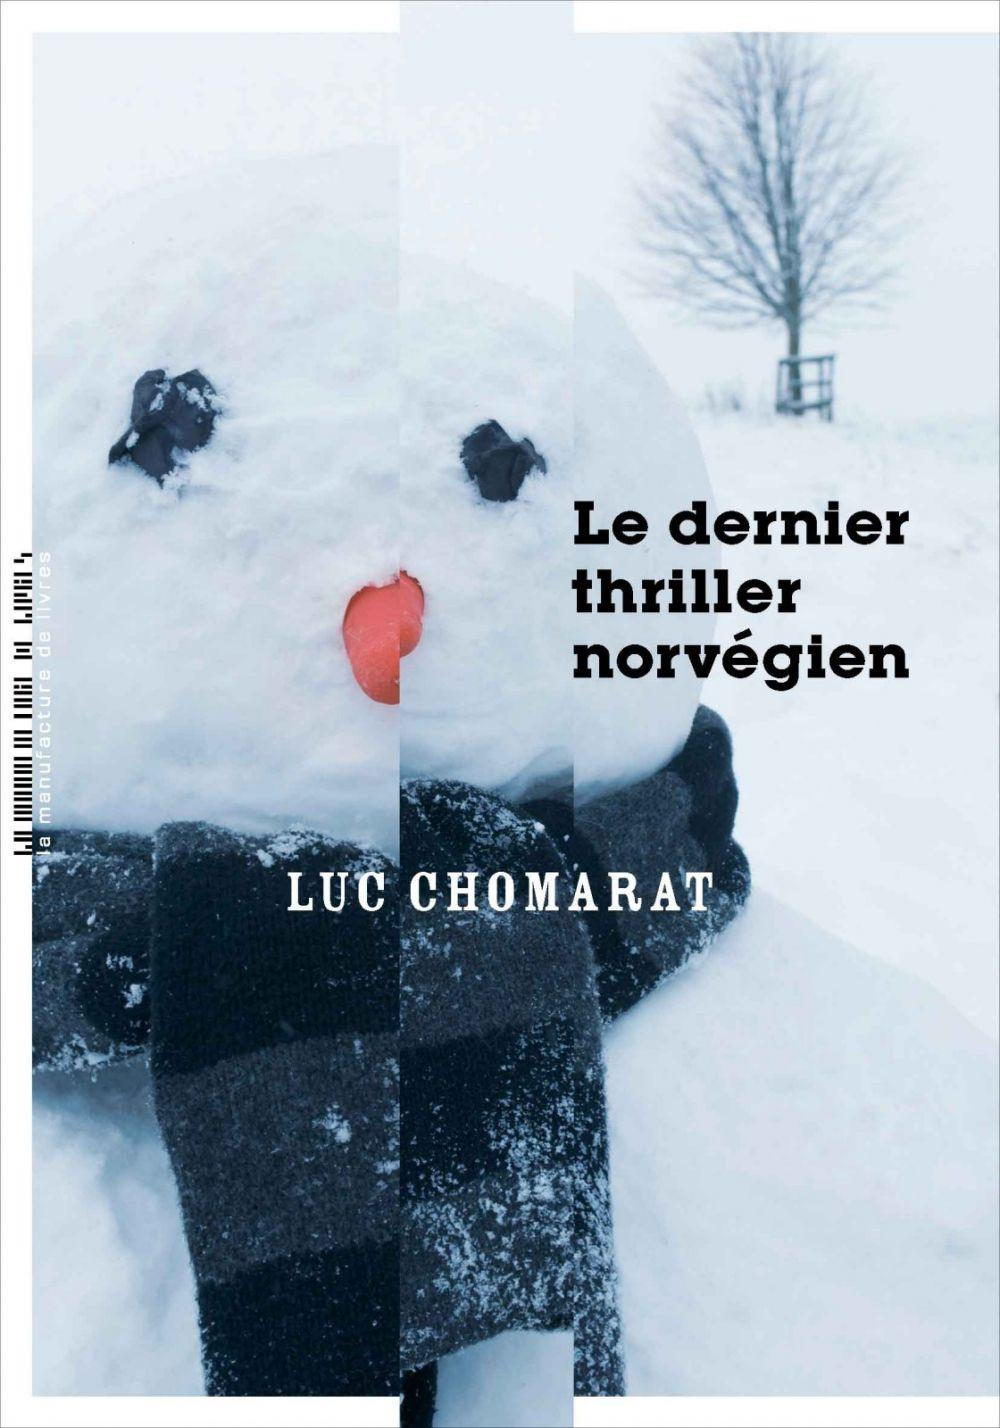 Le dernier thriller norvégien  